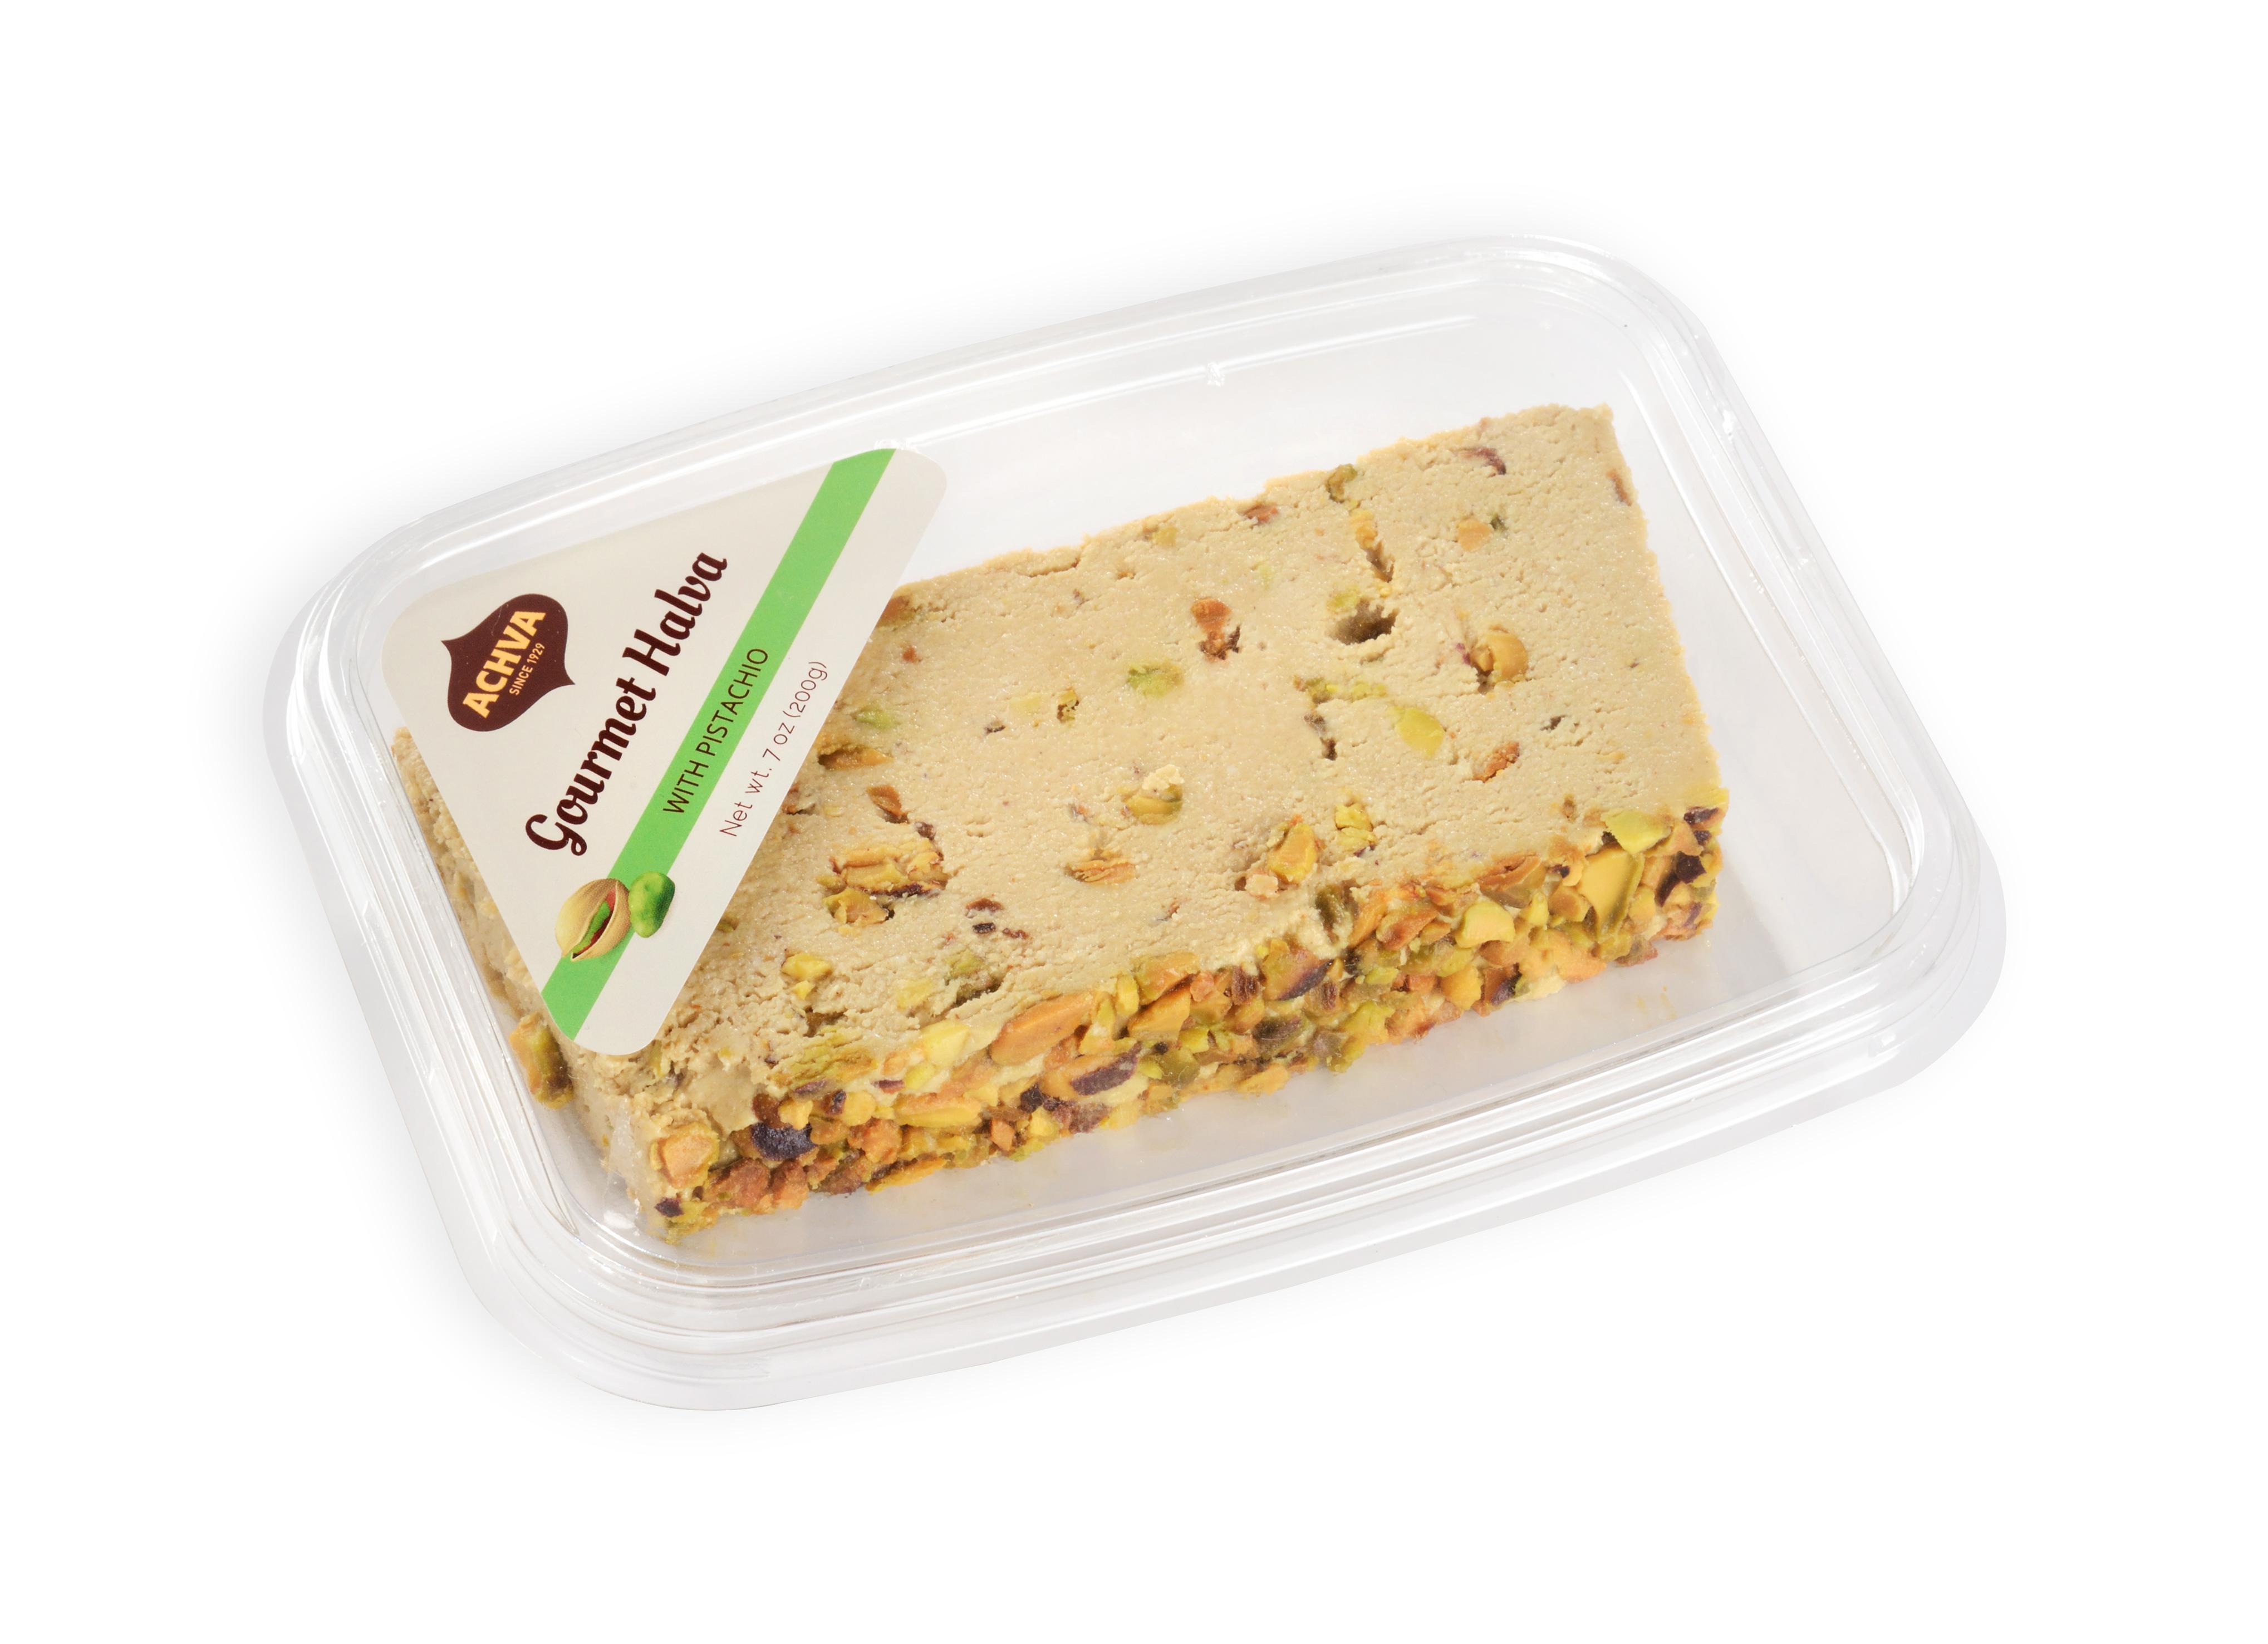 gourmet-halva-200-g-pistachio